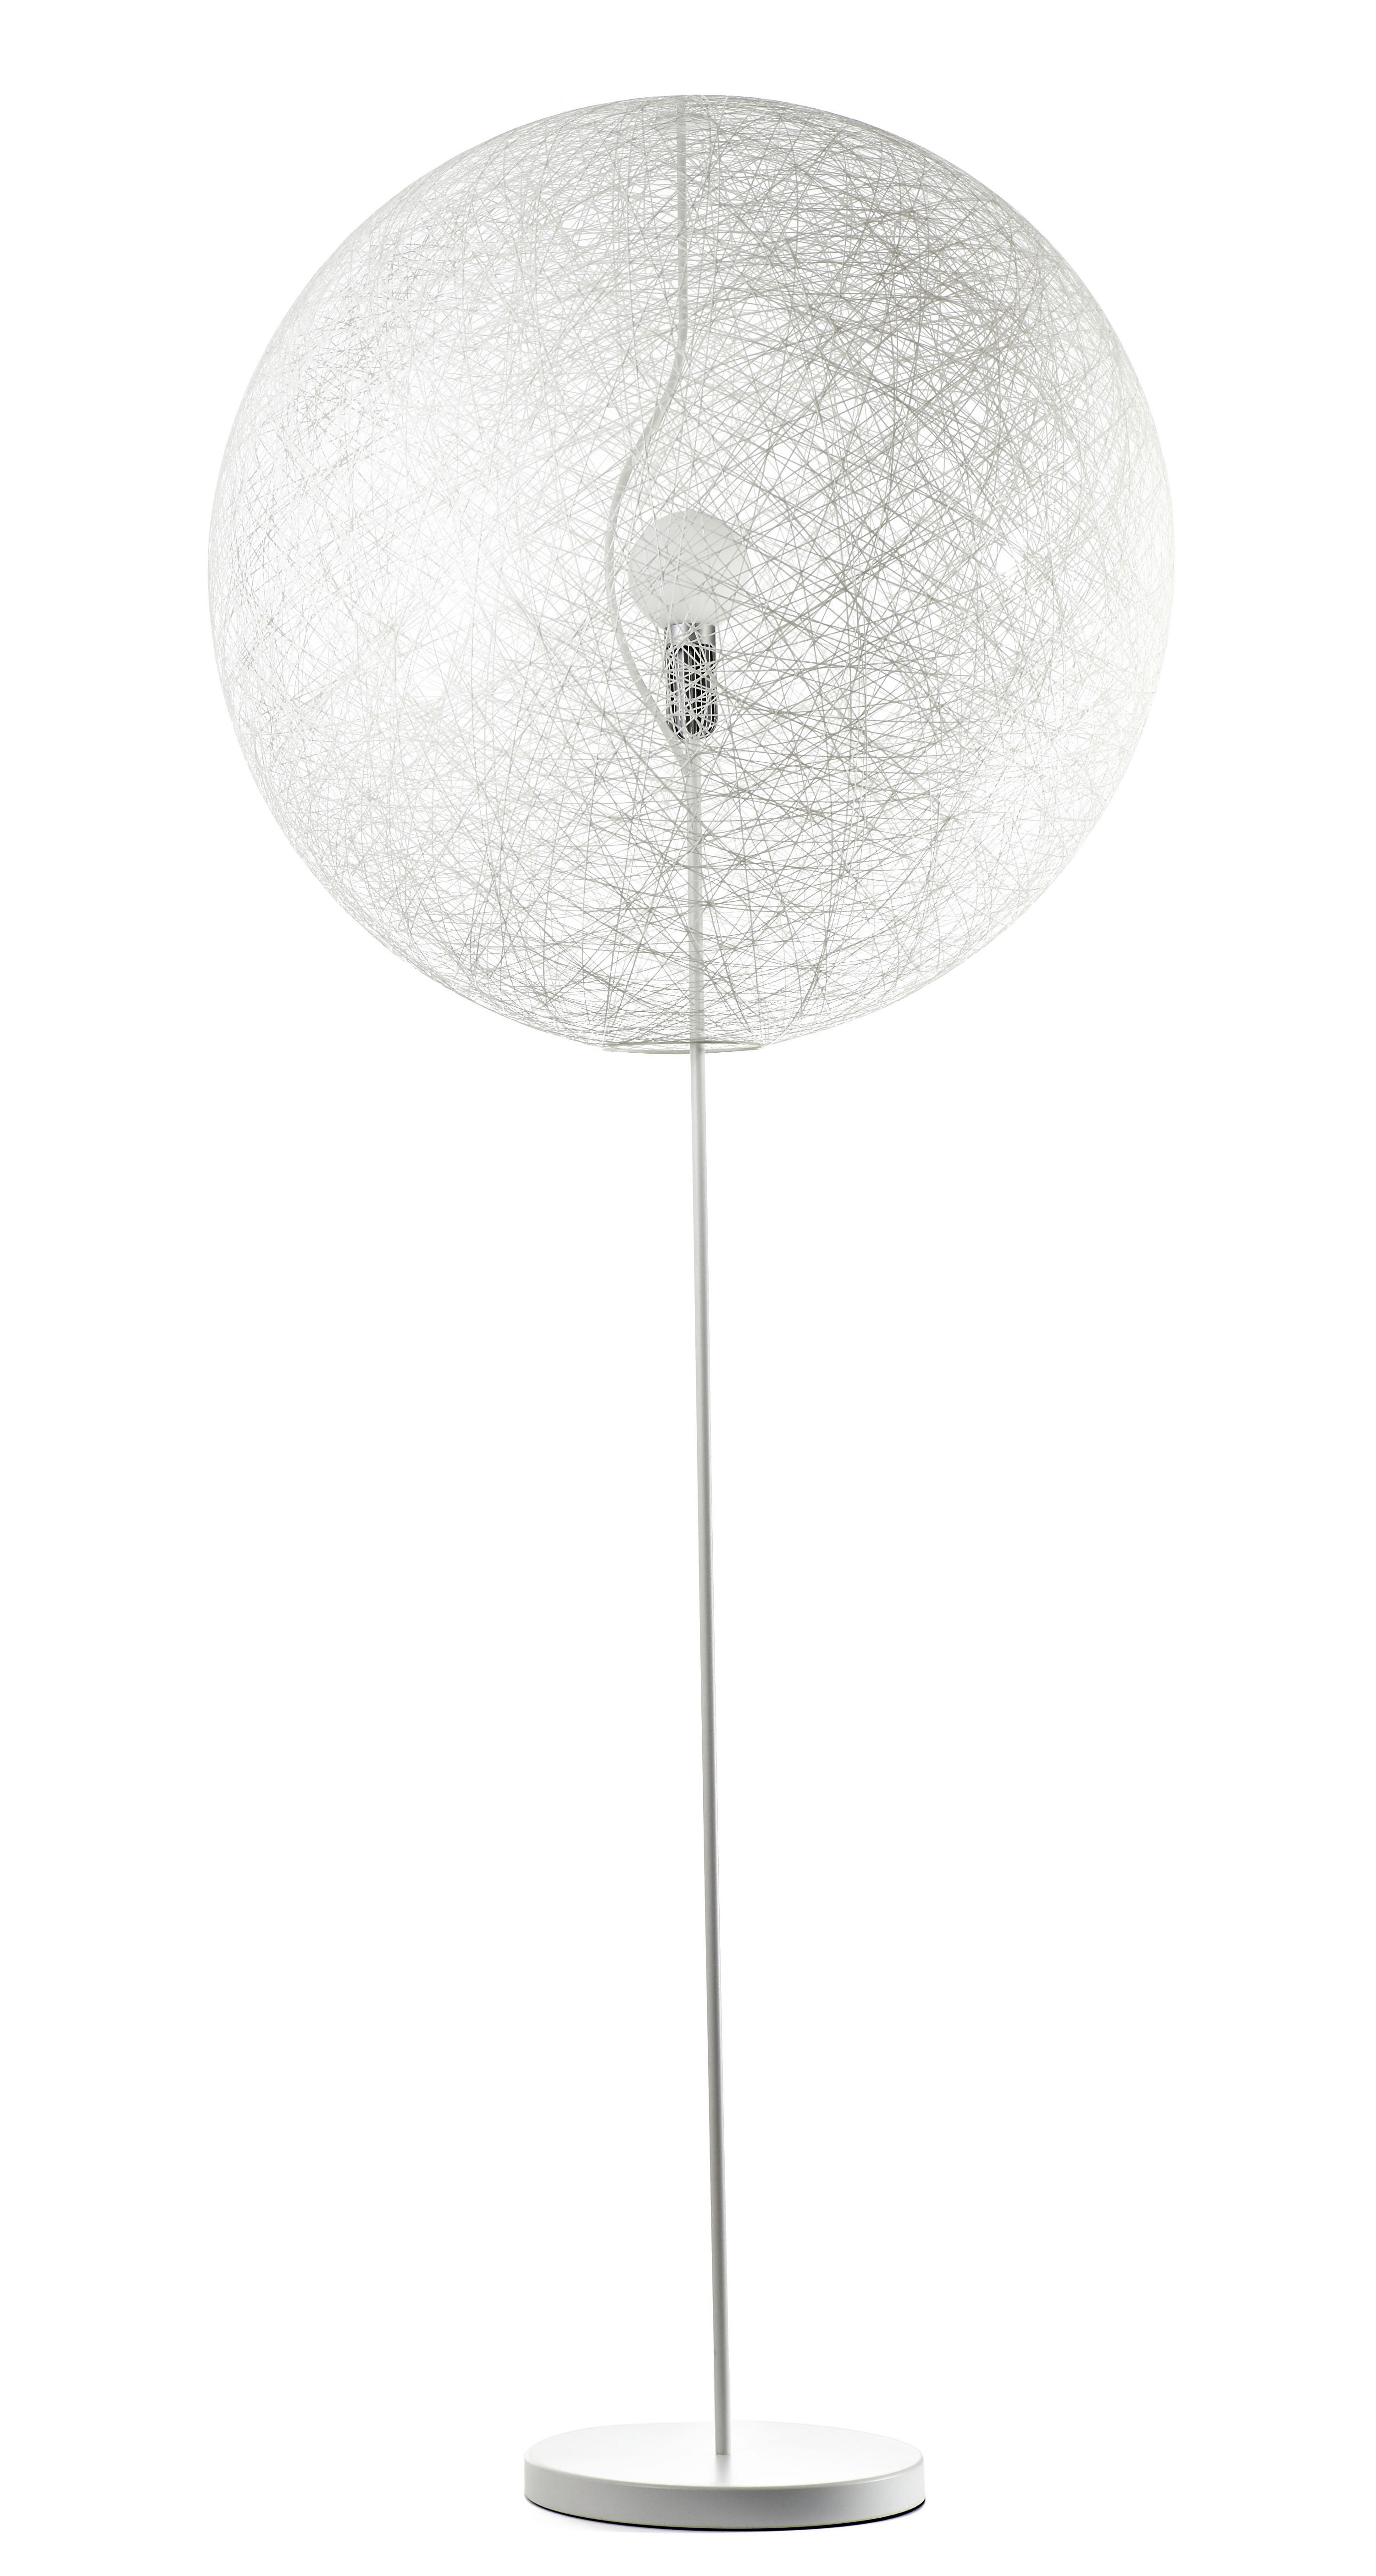 Illuminazione - Lampade da terra - Lampada a stelo Random Light LED - LED - Medium Ø 80 cm di Moooi - Bianco - H 205 x Ø 80 cm - Acciaio, Fibra di vetro